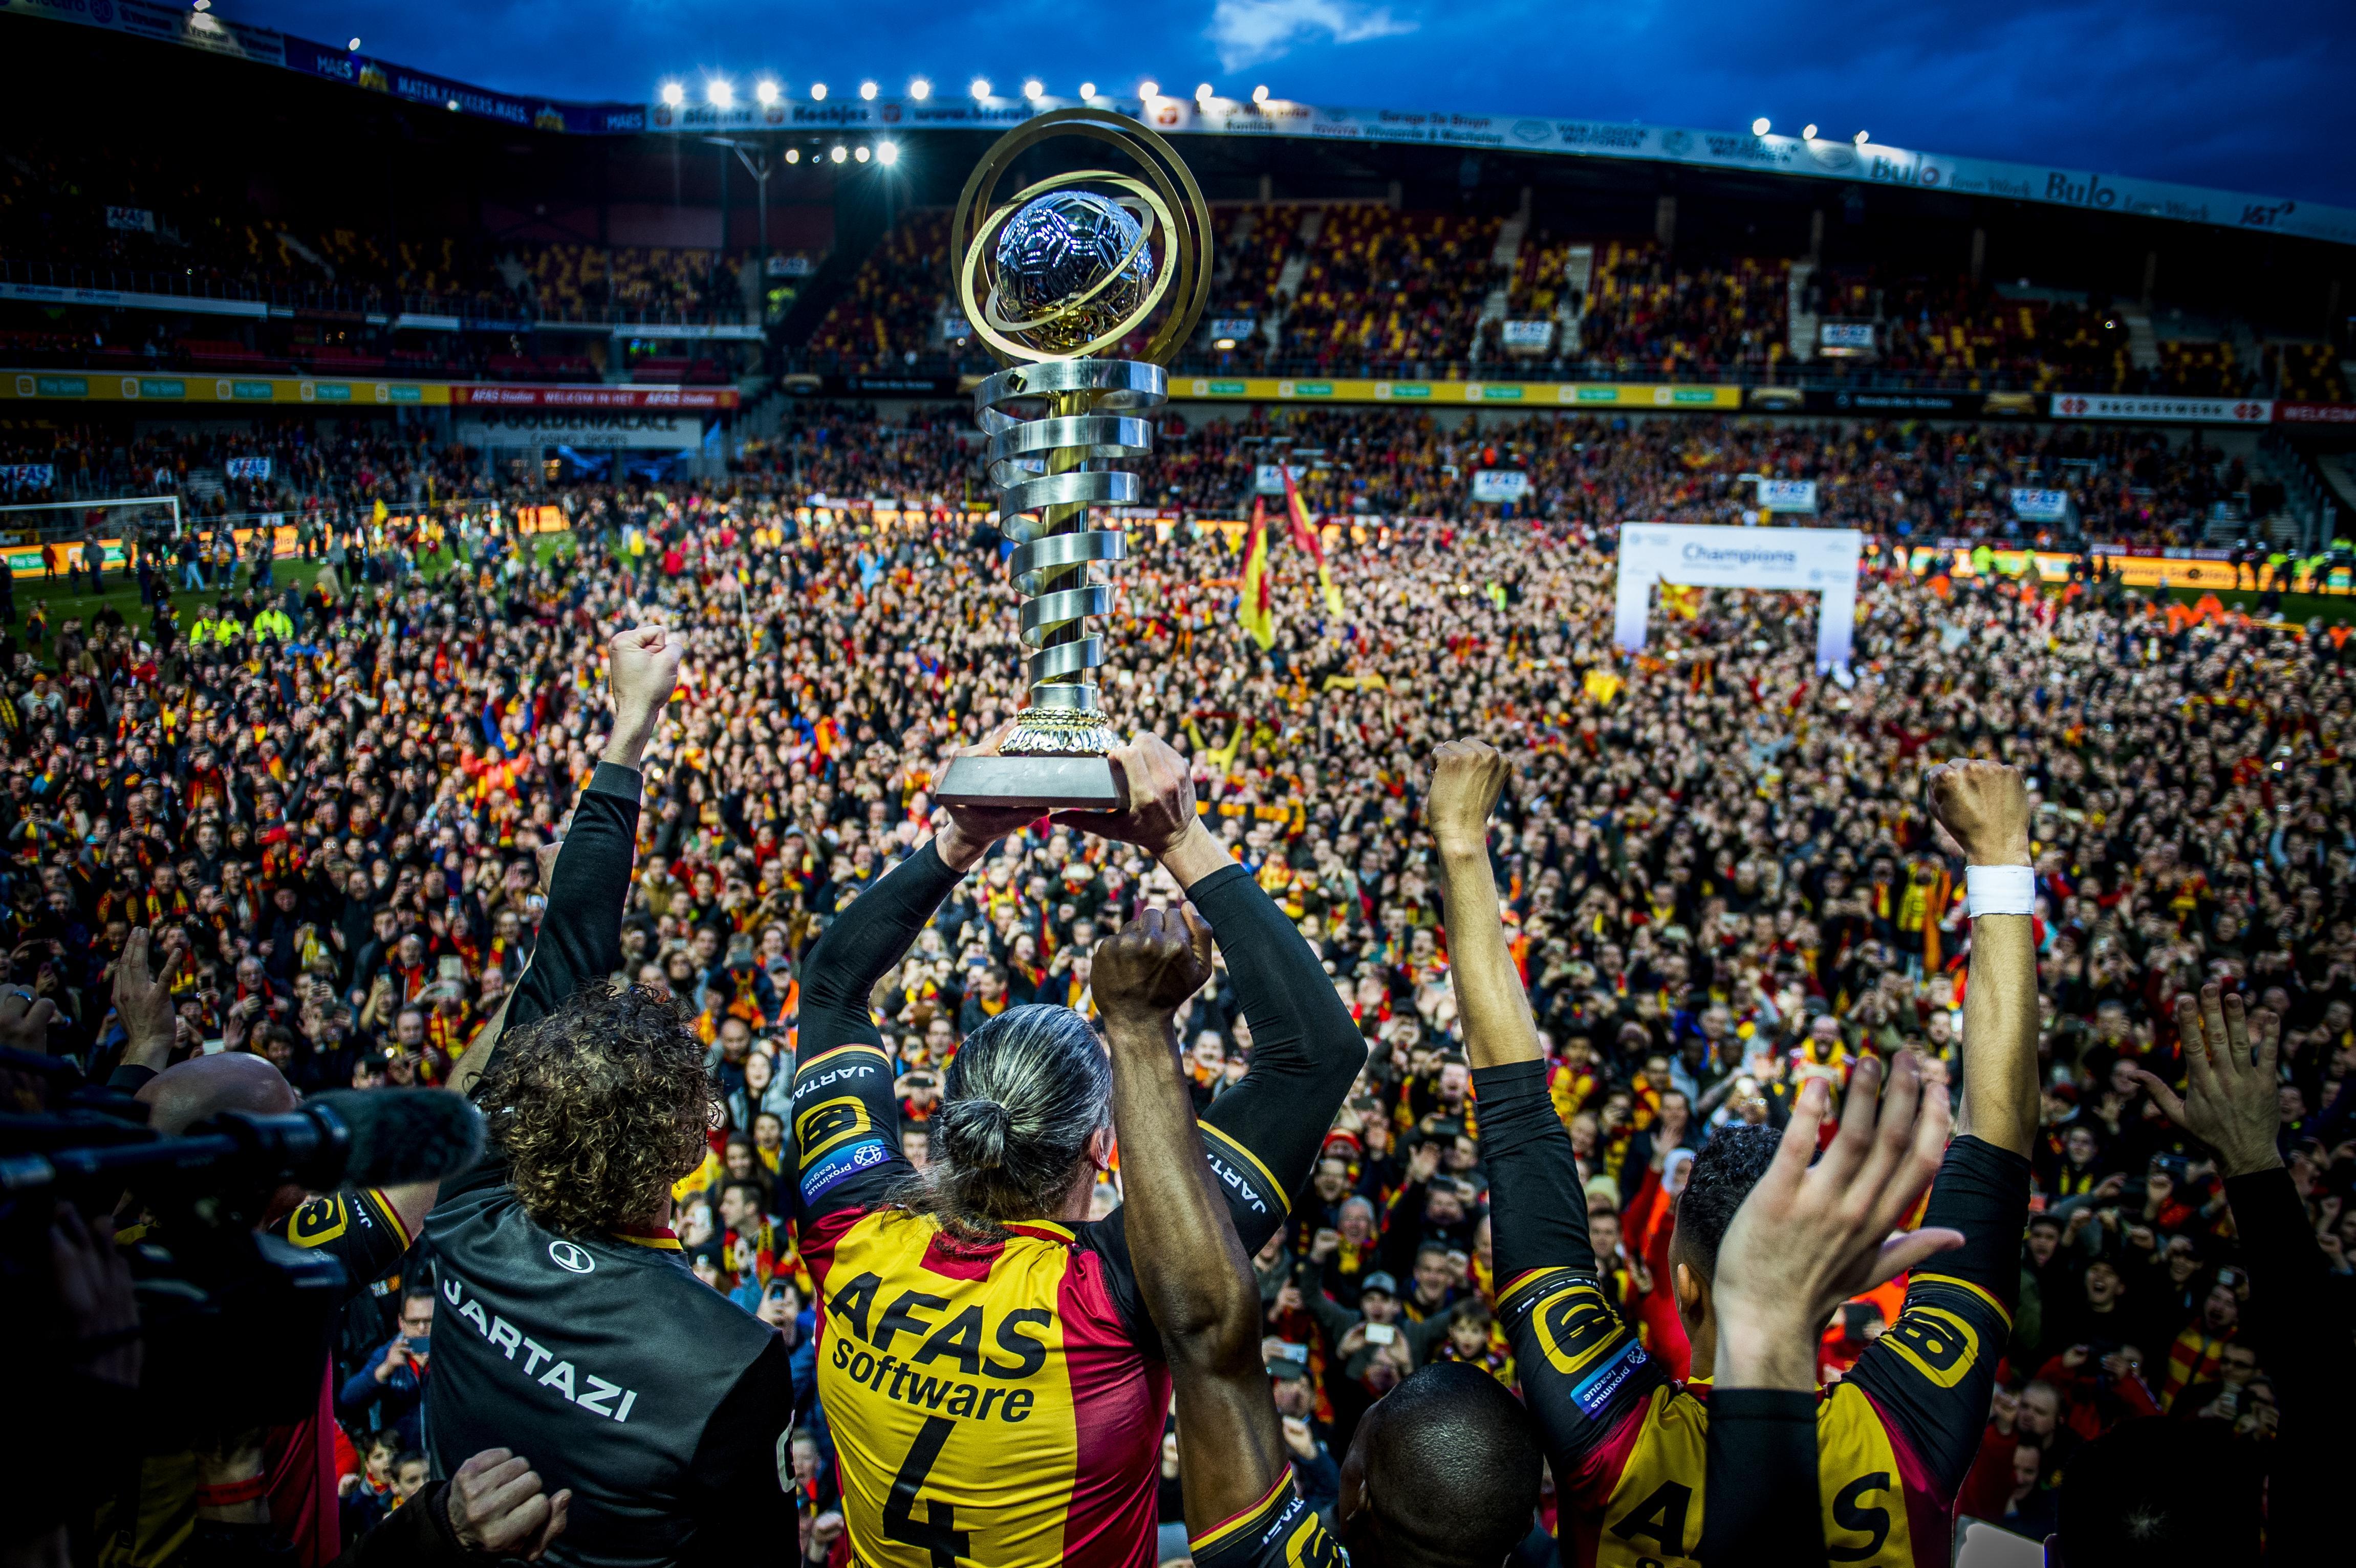 Journalist en fan over bizar jaar KV Mechelen: 'Op de rand van Europa én amateurvoetbal' [video]